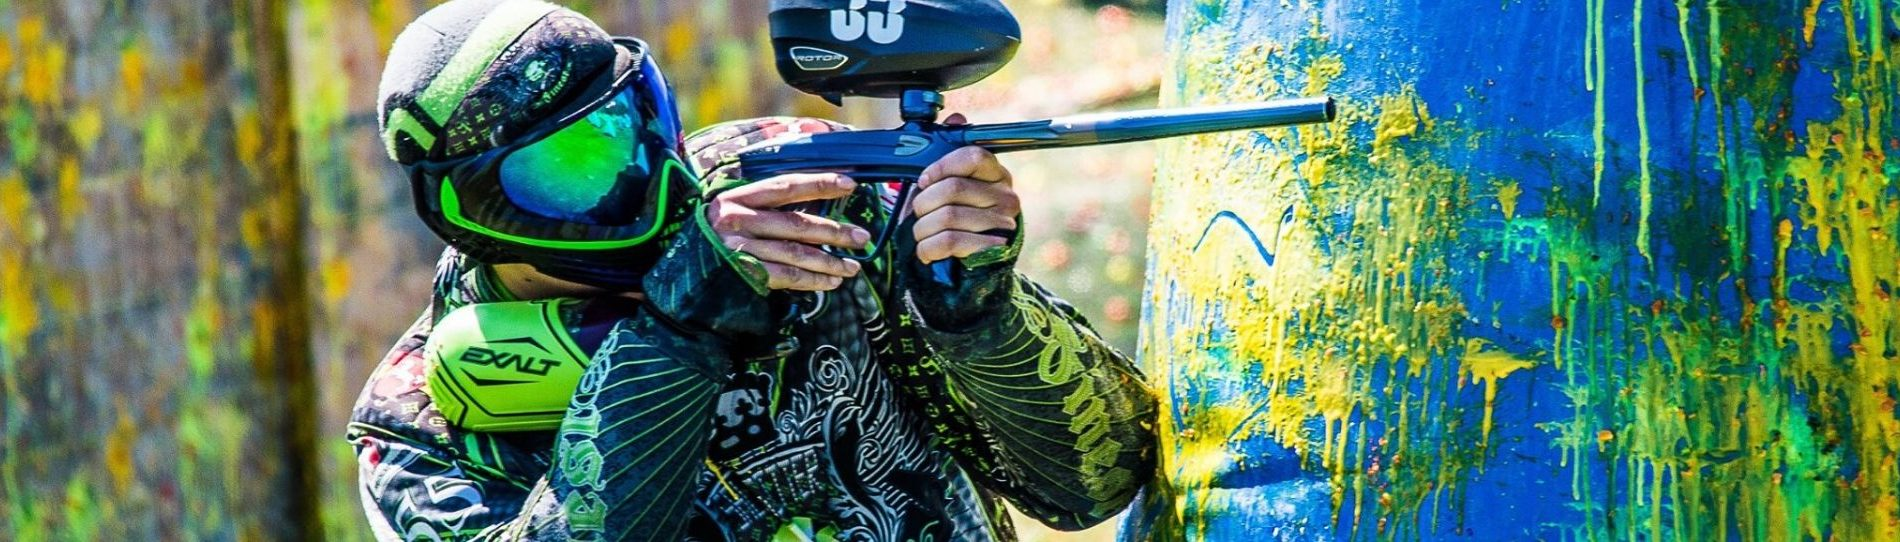 tauranga bucks paintball skirmish